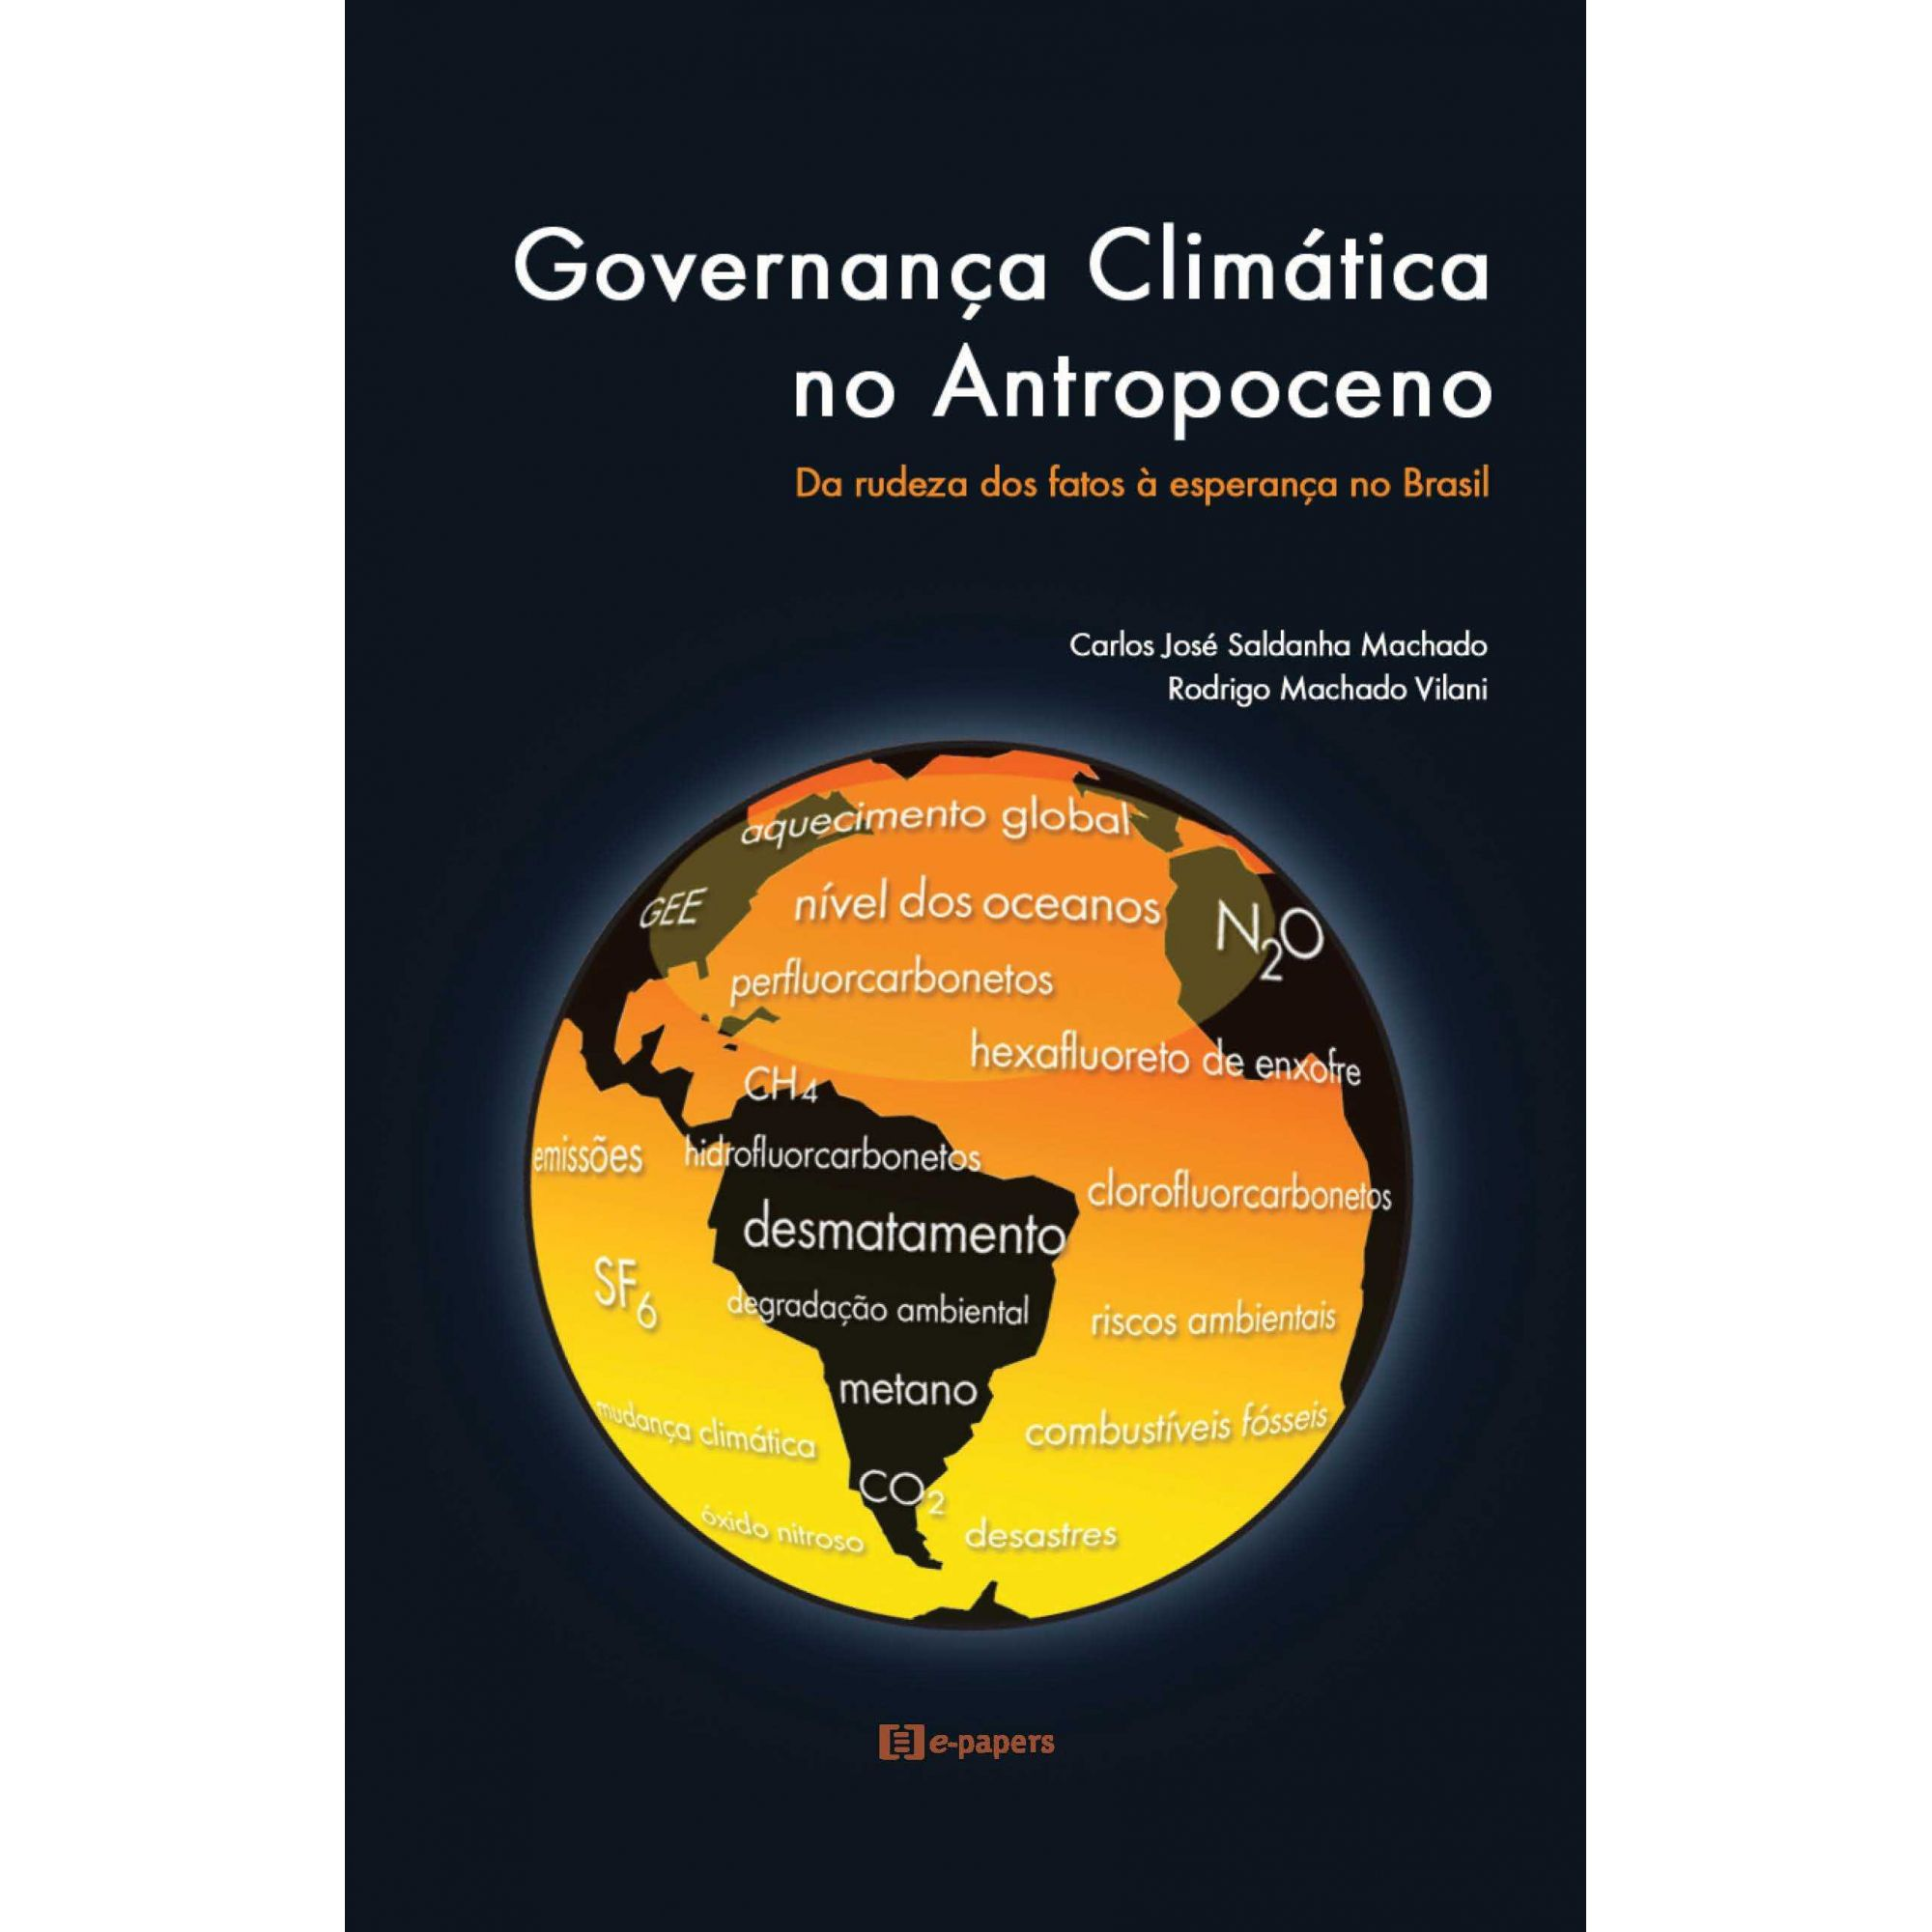 Governança Climática no Antropoceno: Da rudeza dos fatos à esperança no Brasil